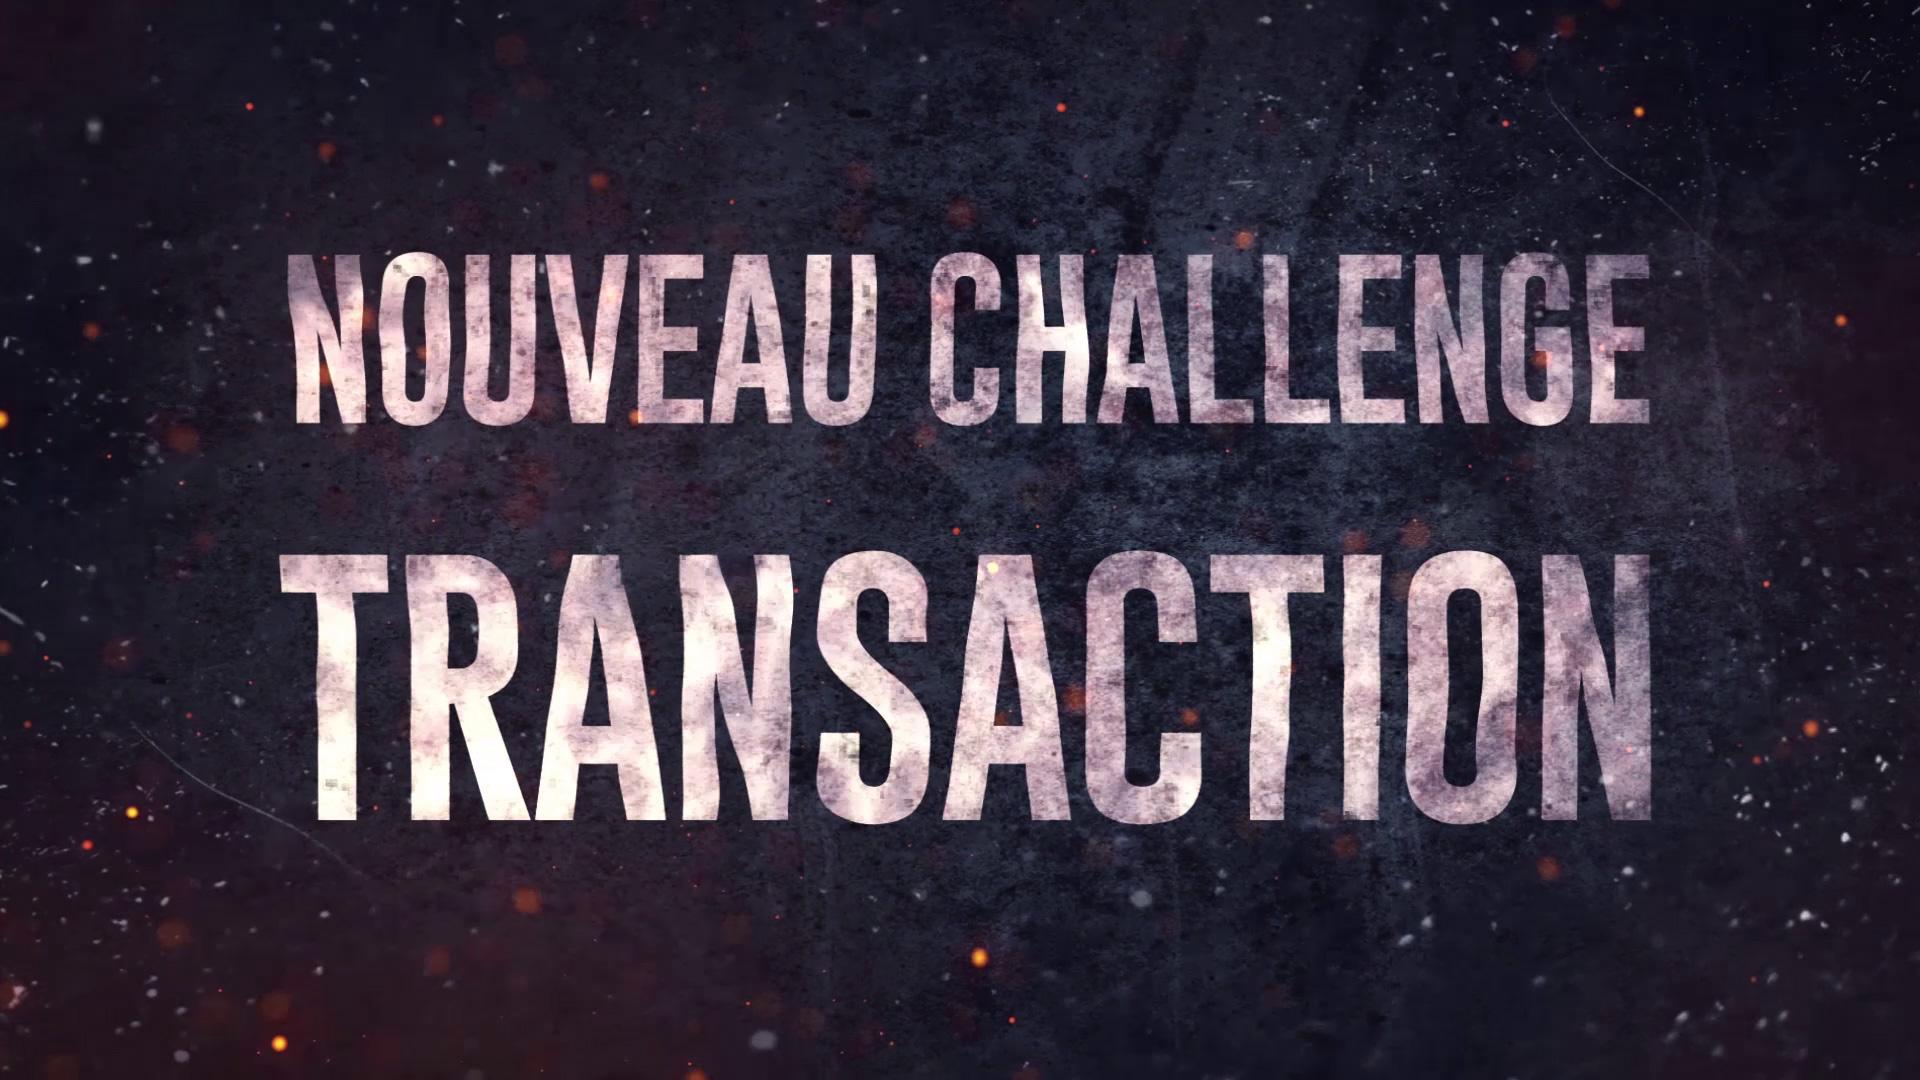 Nouveau challenge transaction - Décembre 2017